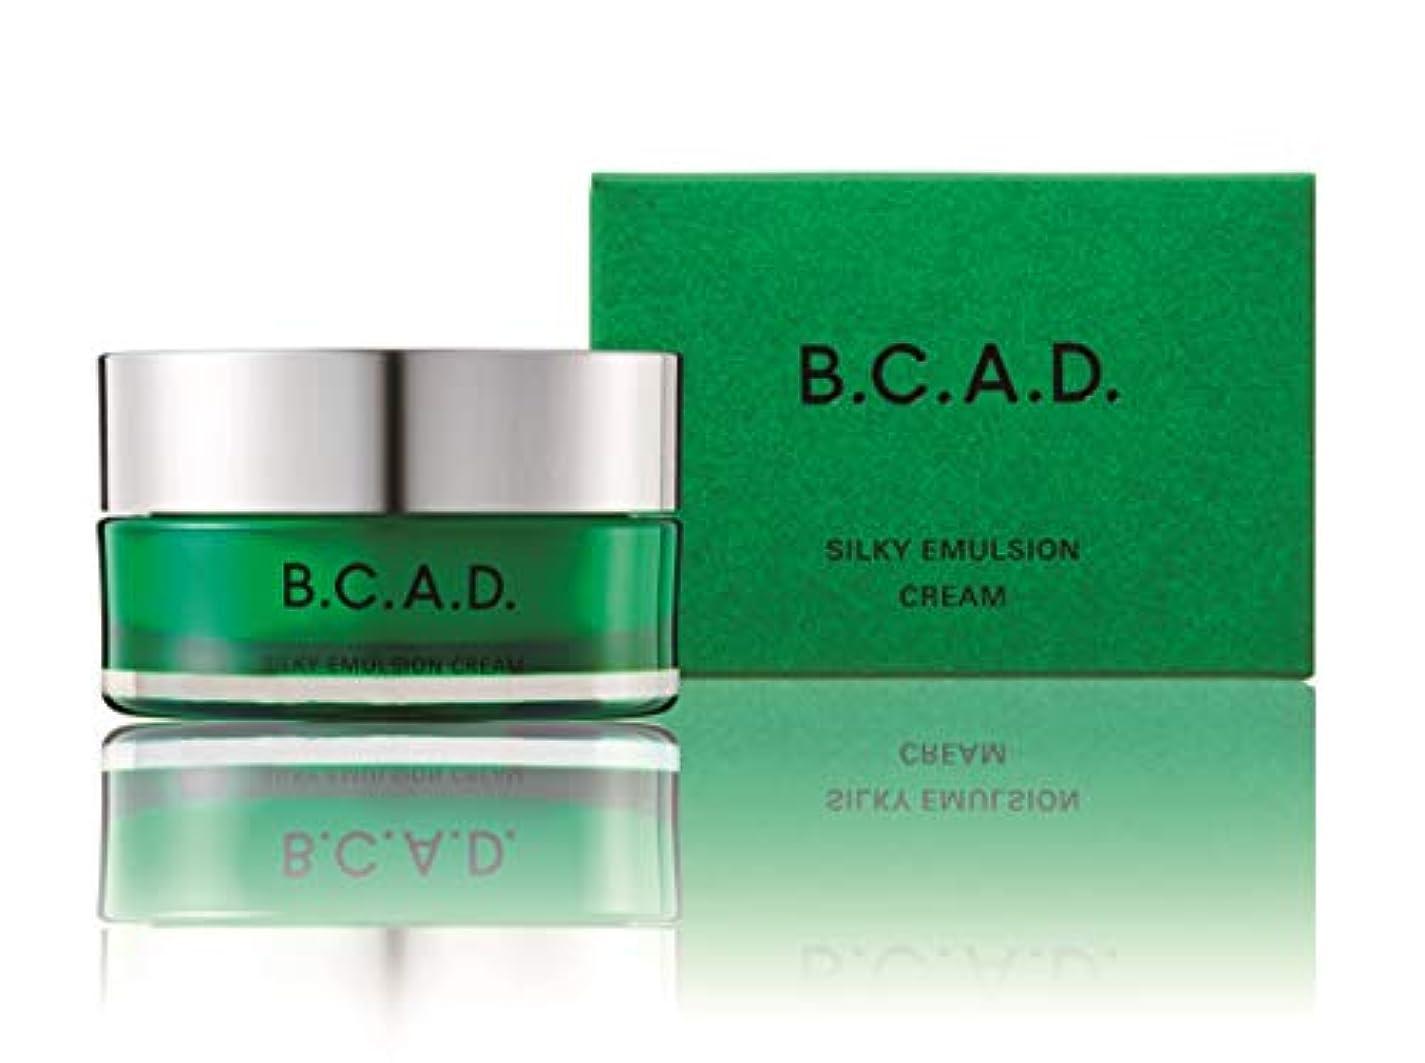 形成放射性有益なB.C.A.D.(ビーシーエーディー) シルキーエマルジョンクリームa 30g